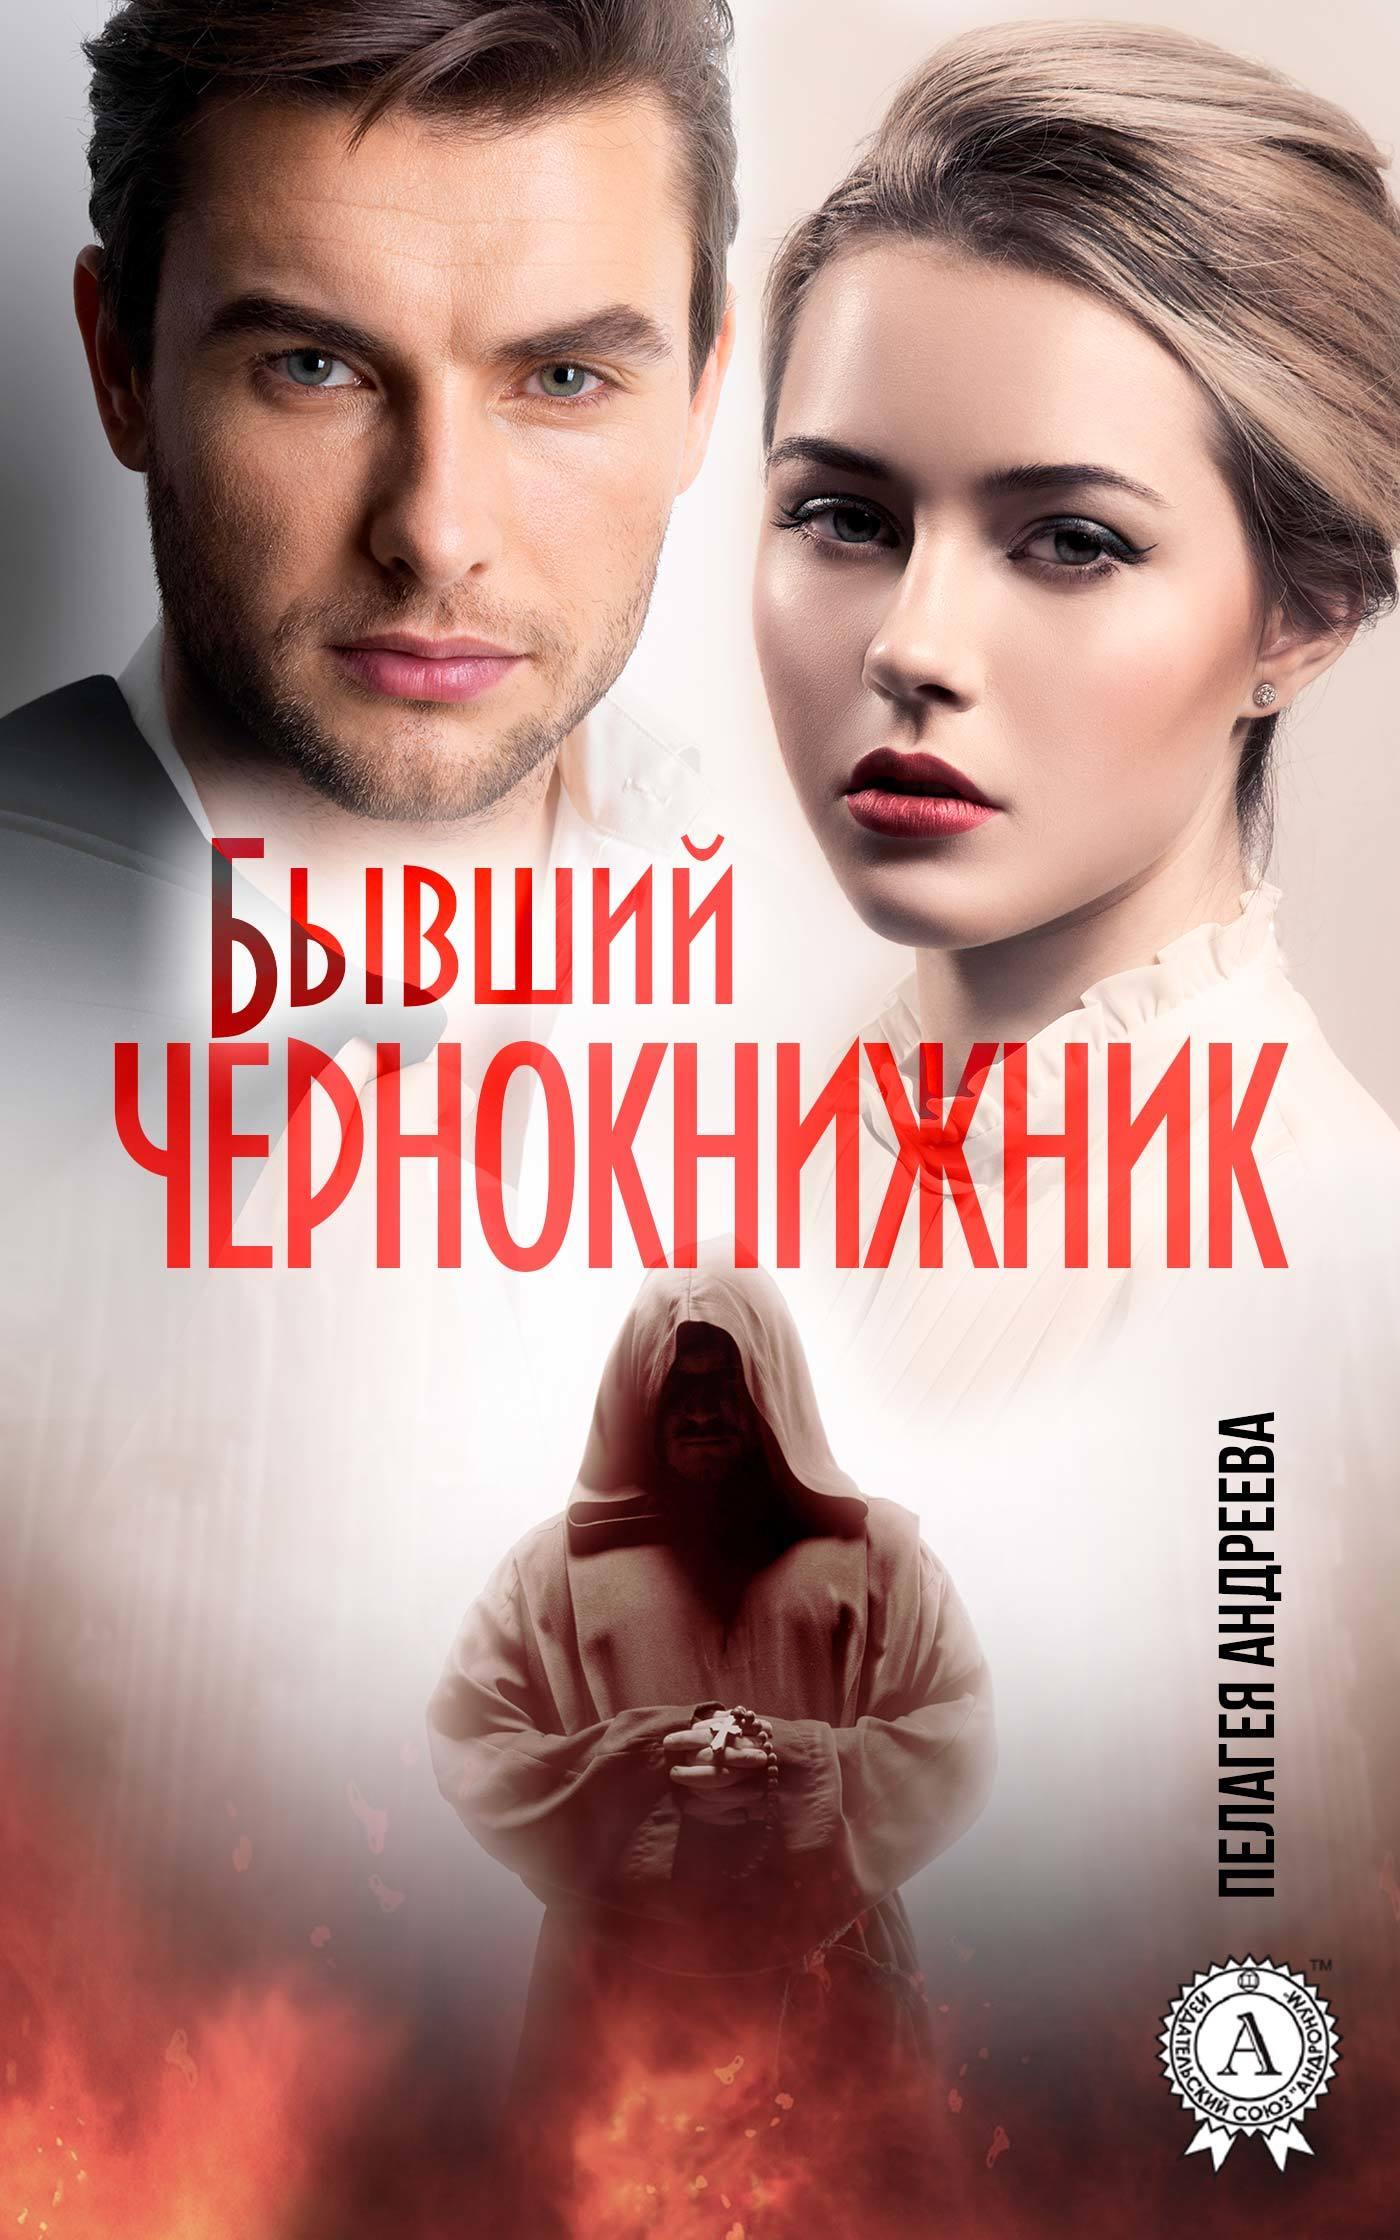 Бывший Чернокнижник_Пелагея Андреева